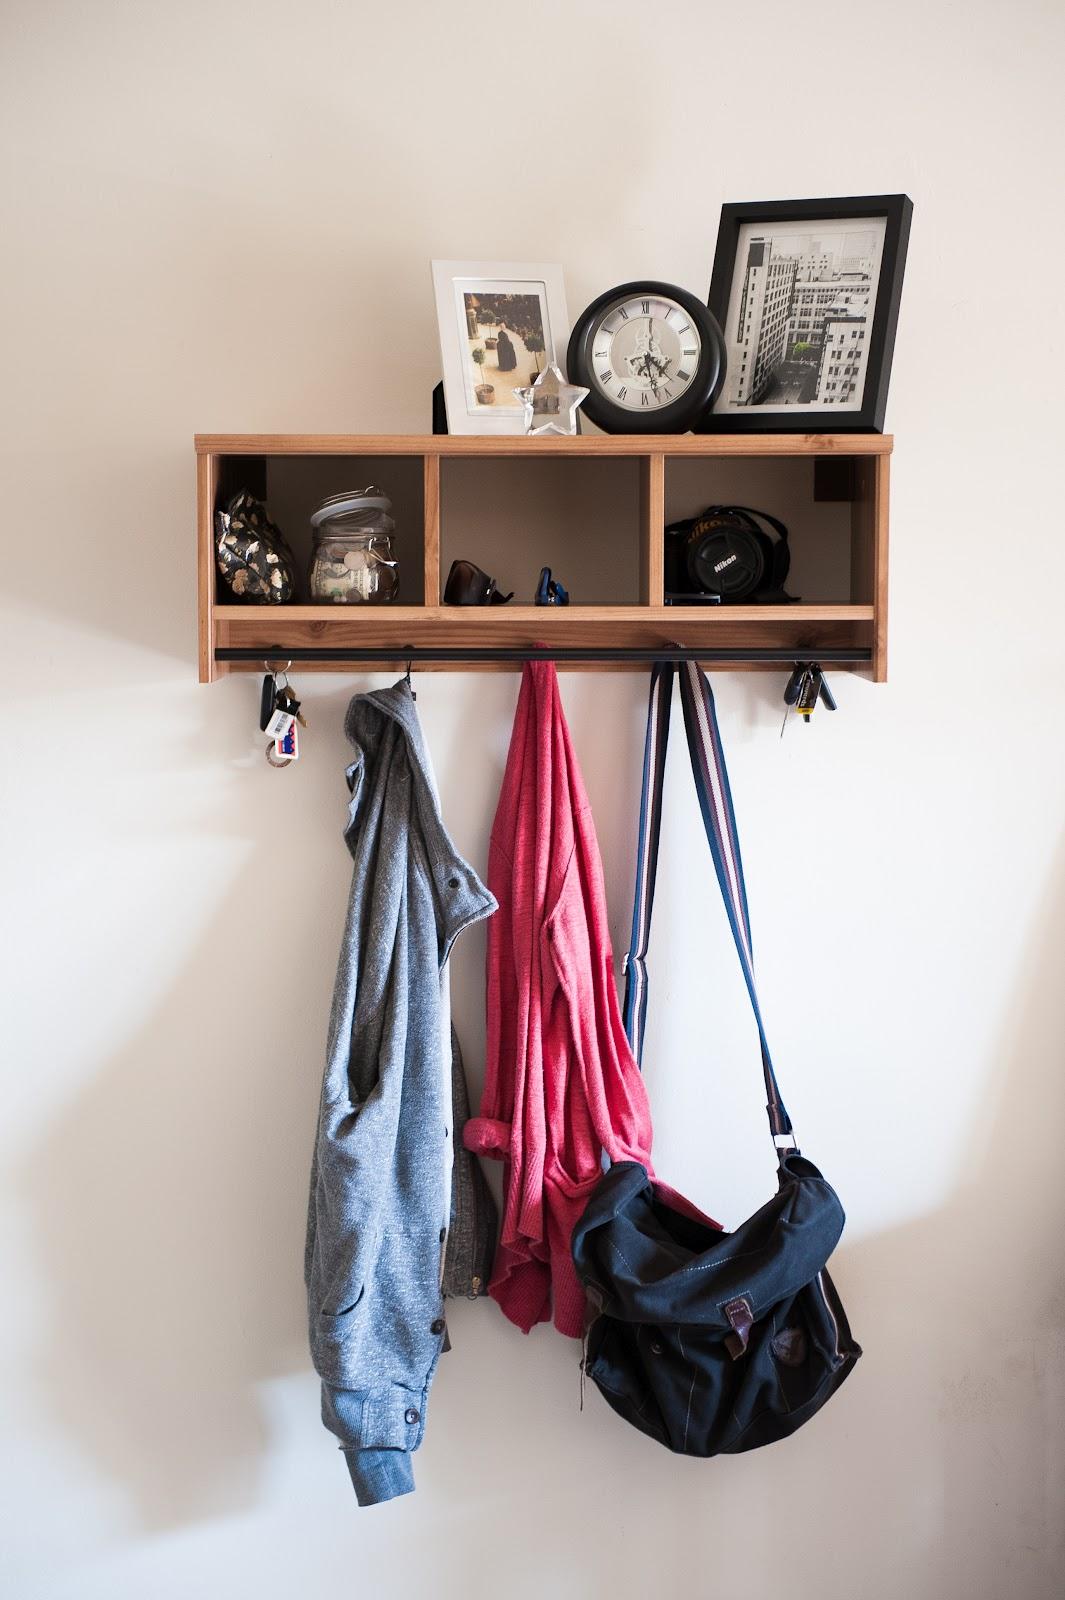 Ikea estanteria grevback